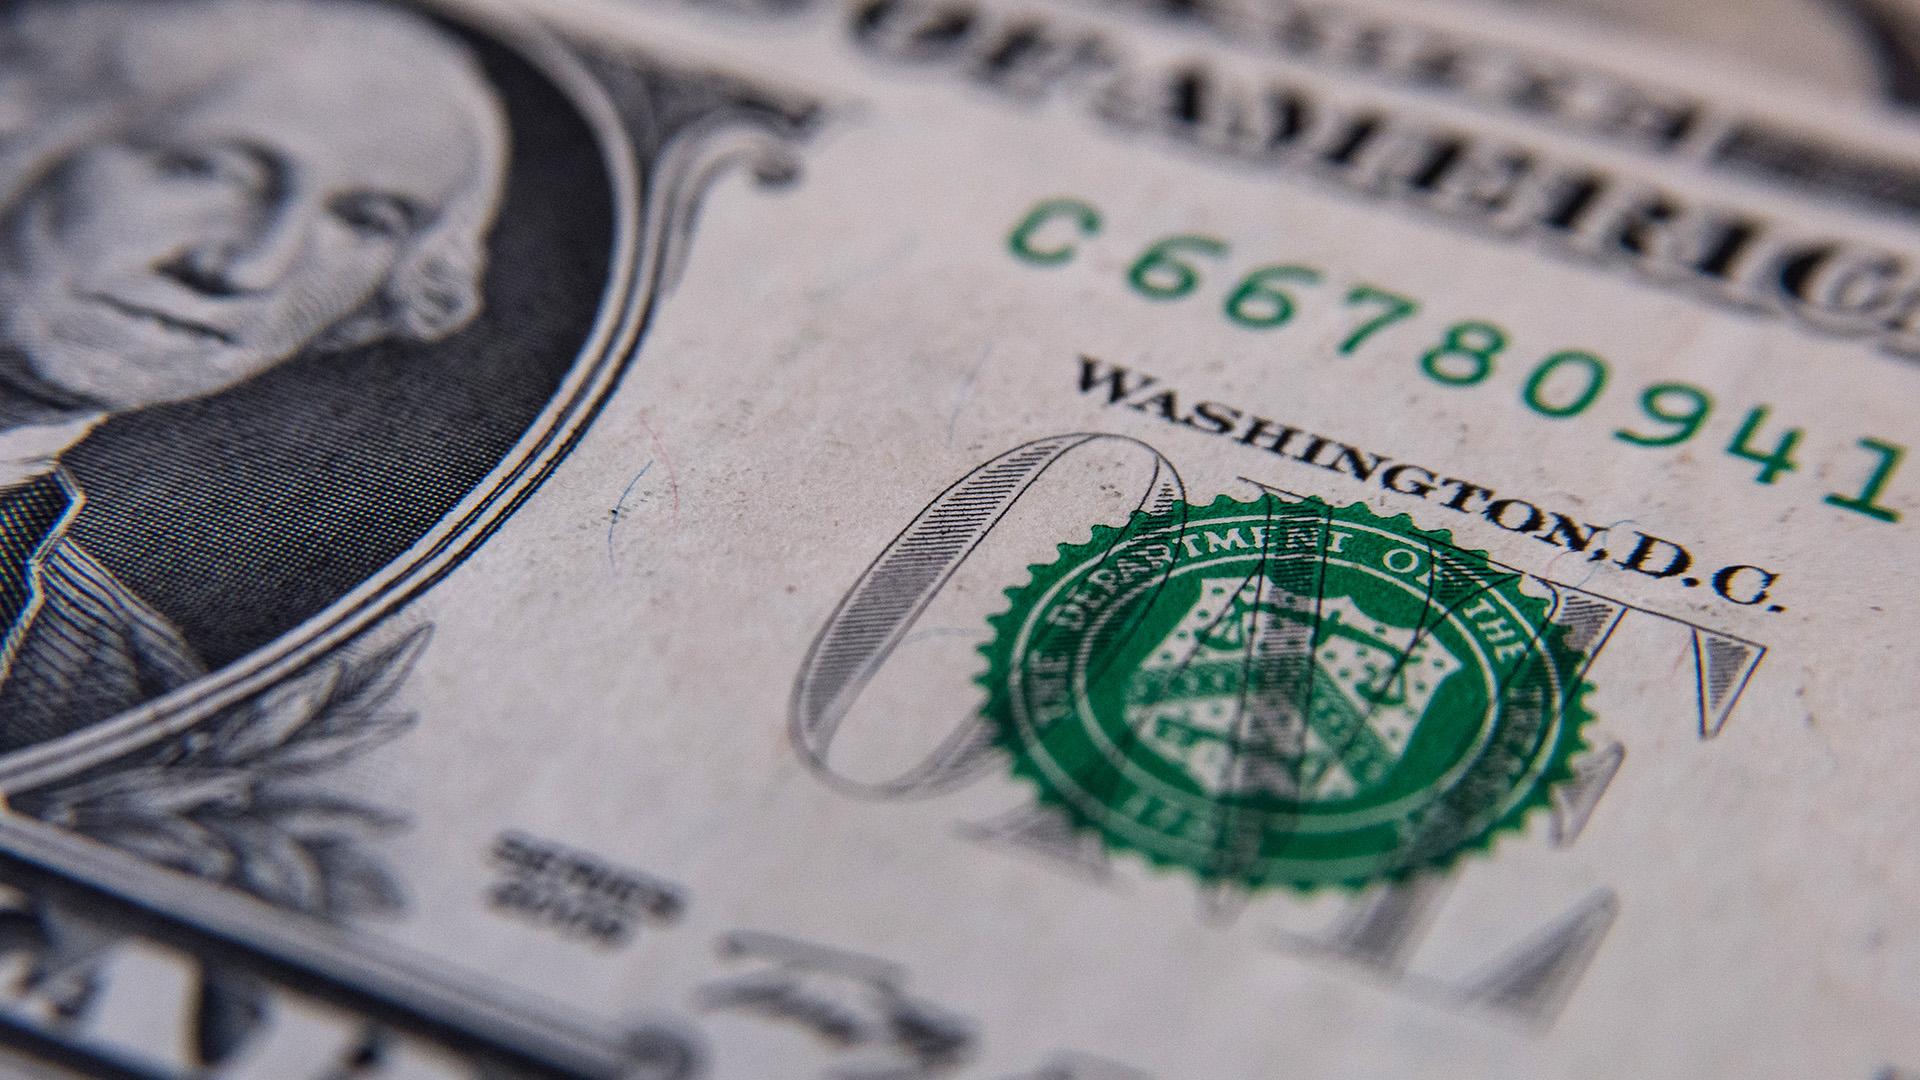 El dólar avanza 16,5% en el transcurso de 2018. (Adrián Escandar)